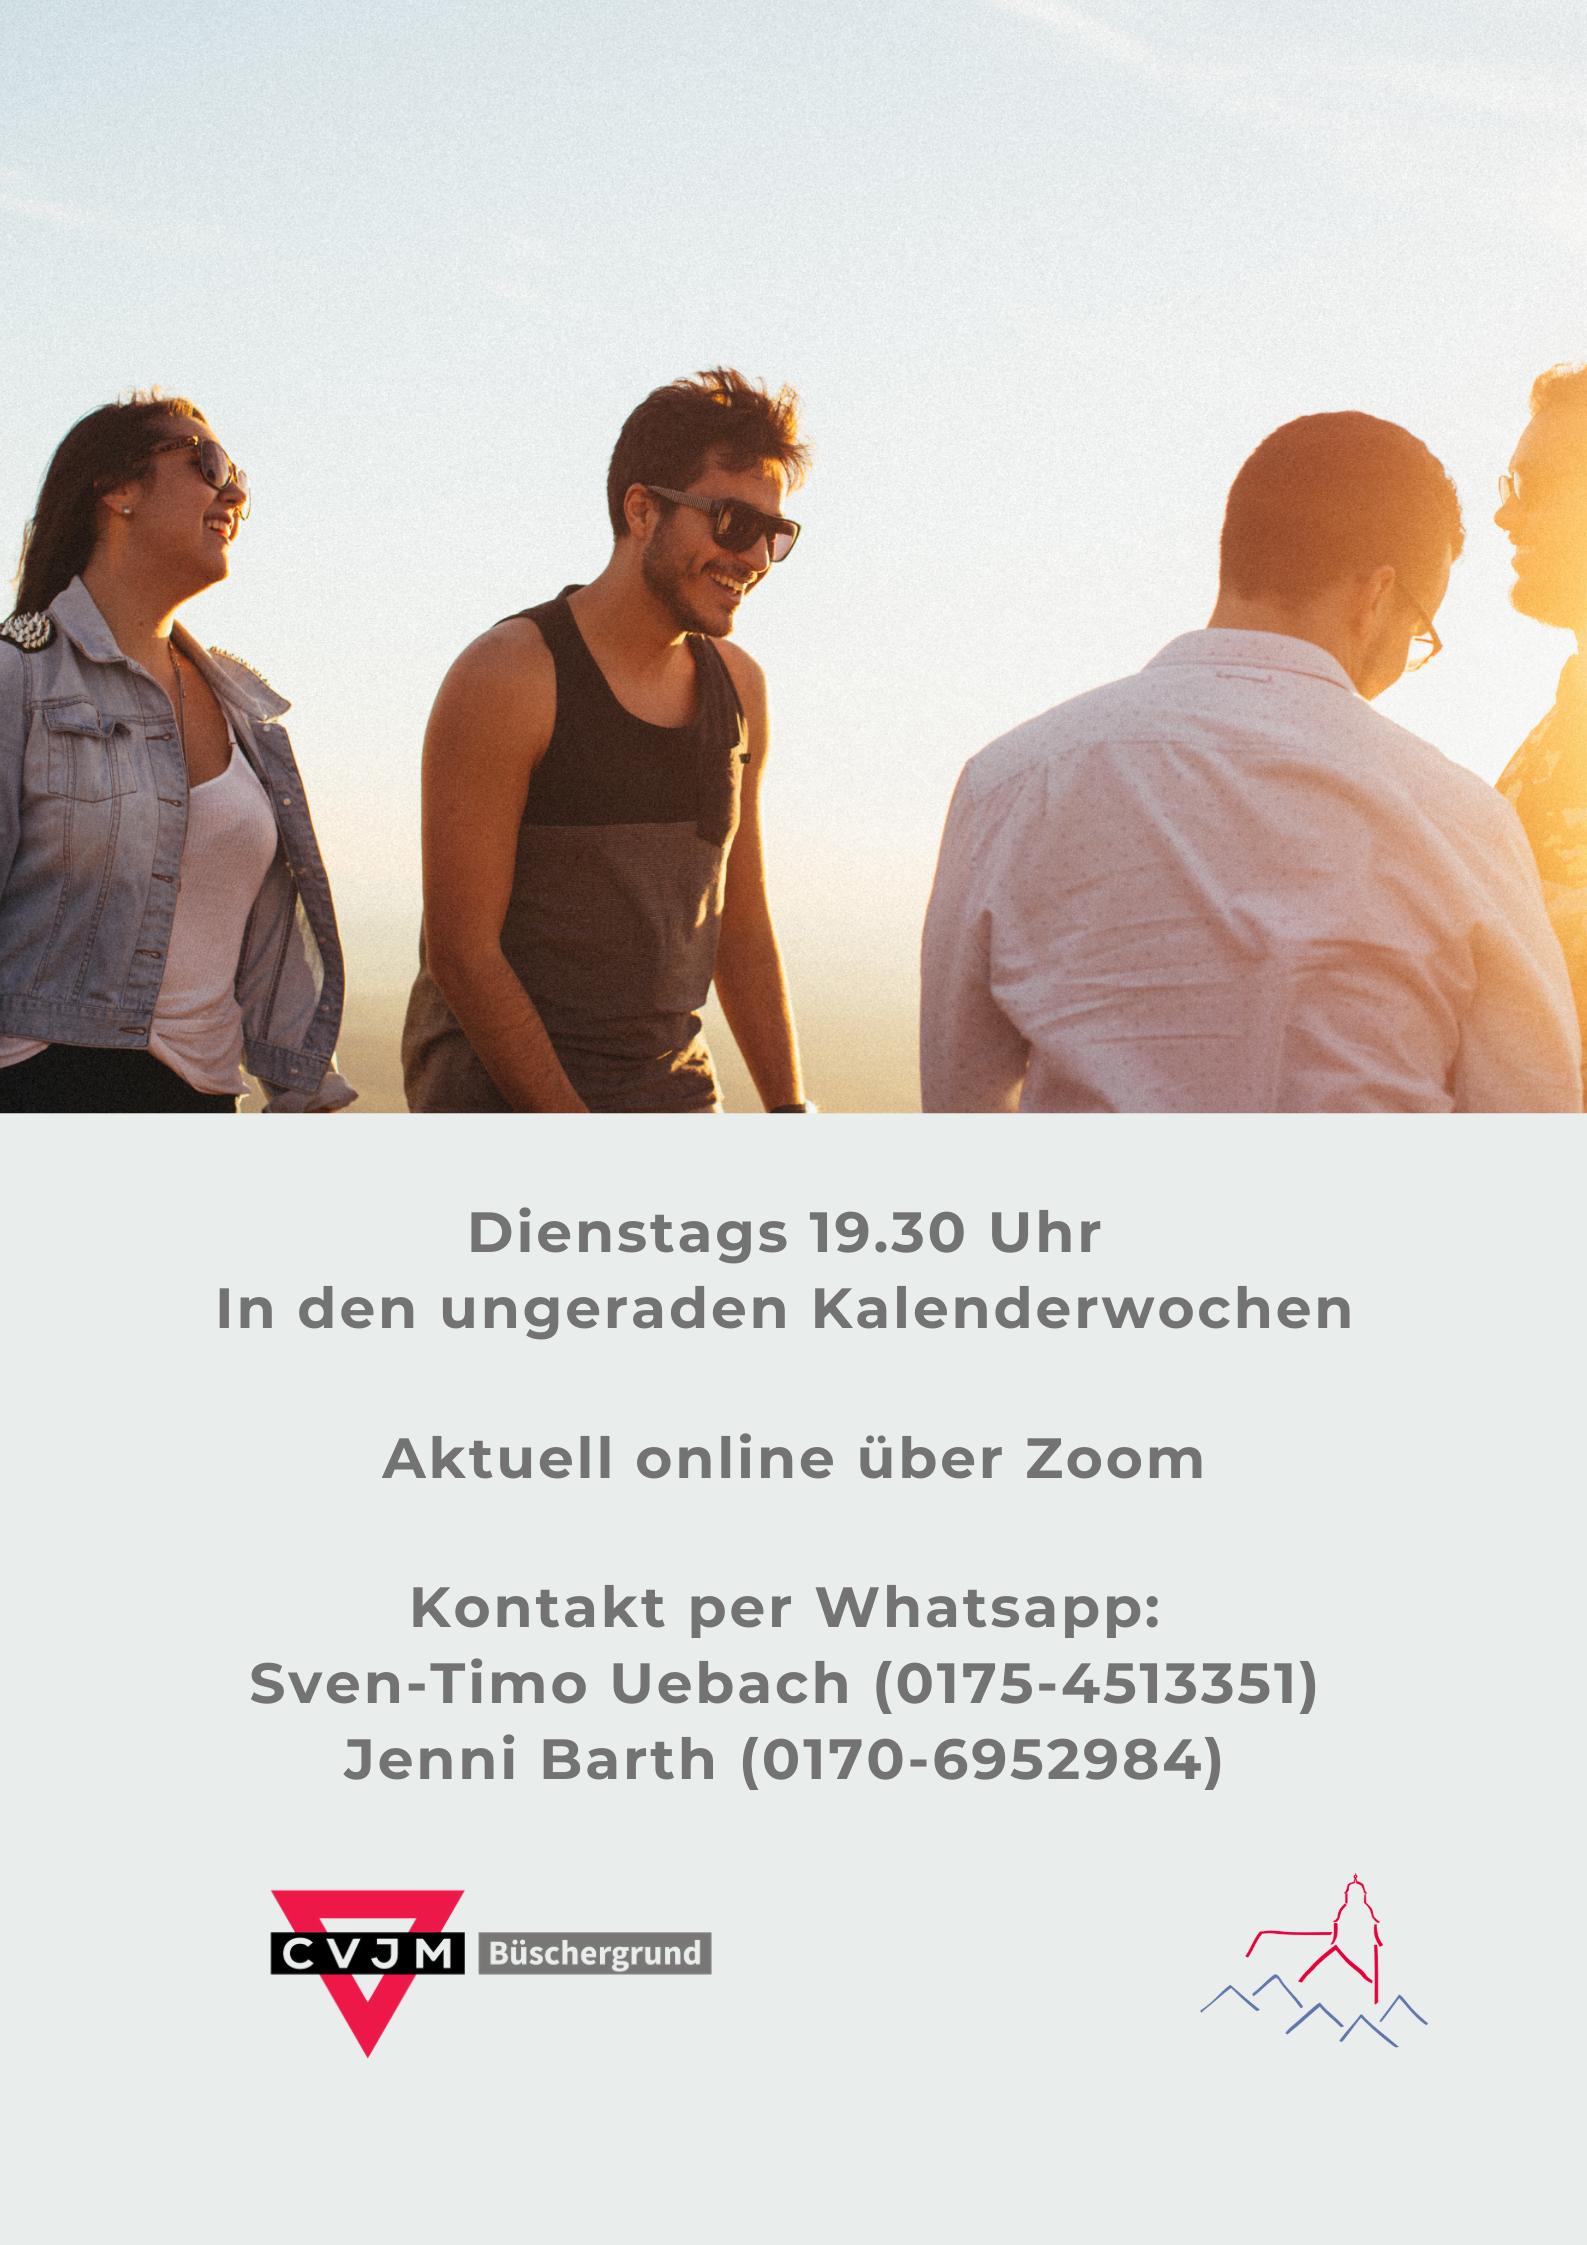 https://www.cvjm-bueschergrund.de/images/ecics_6863_10386.png